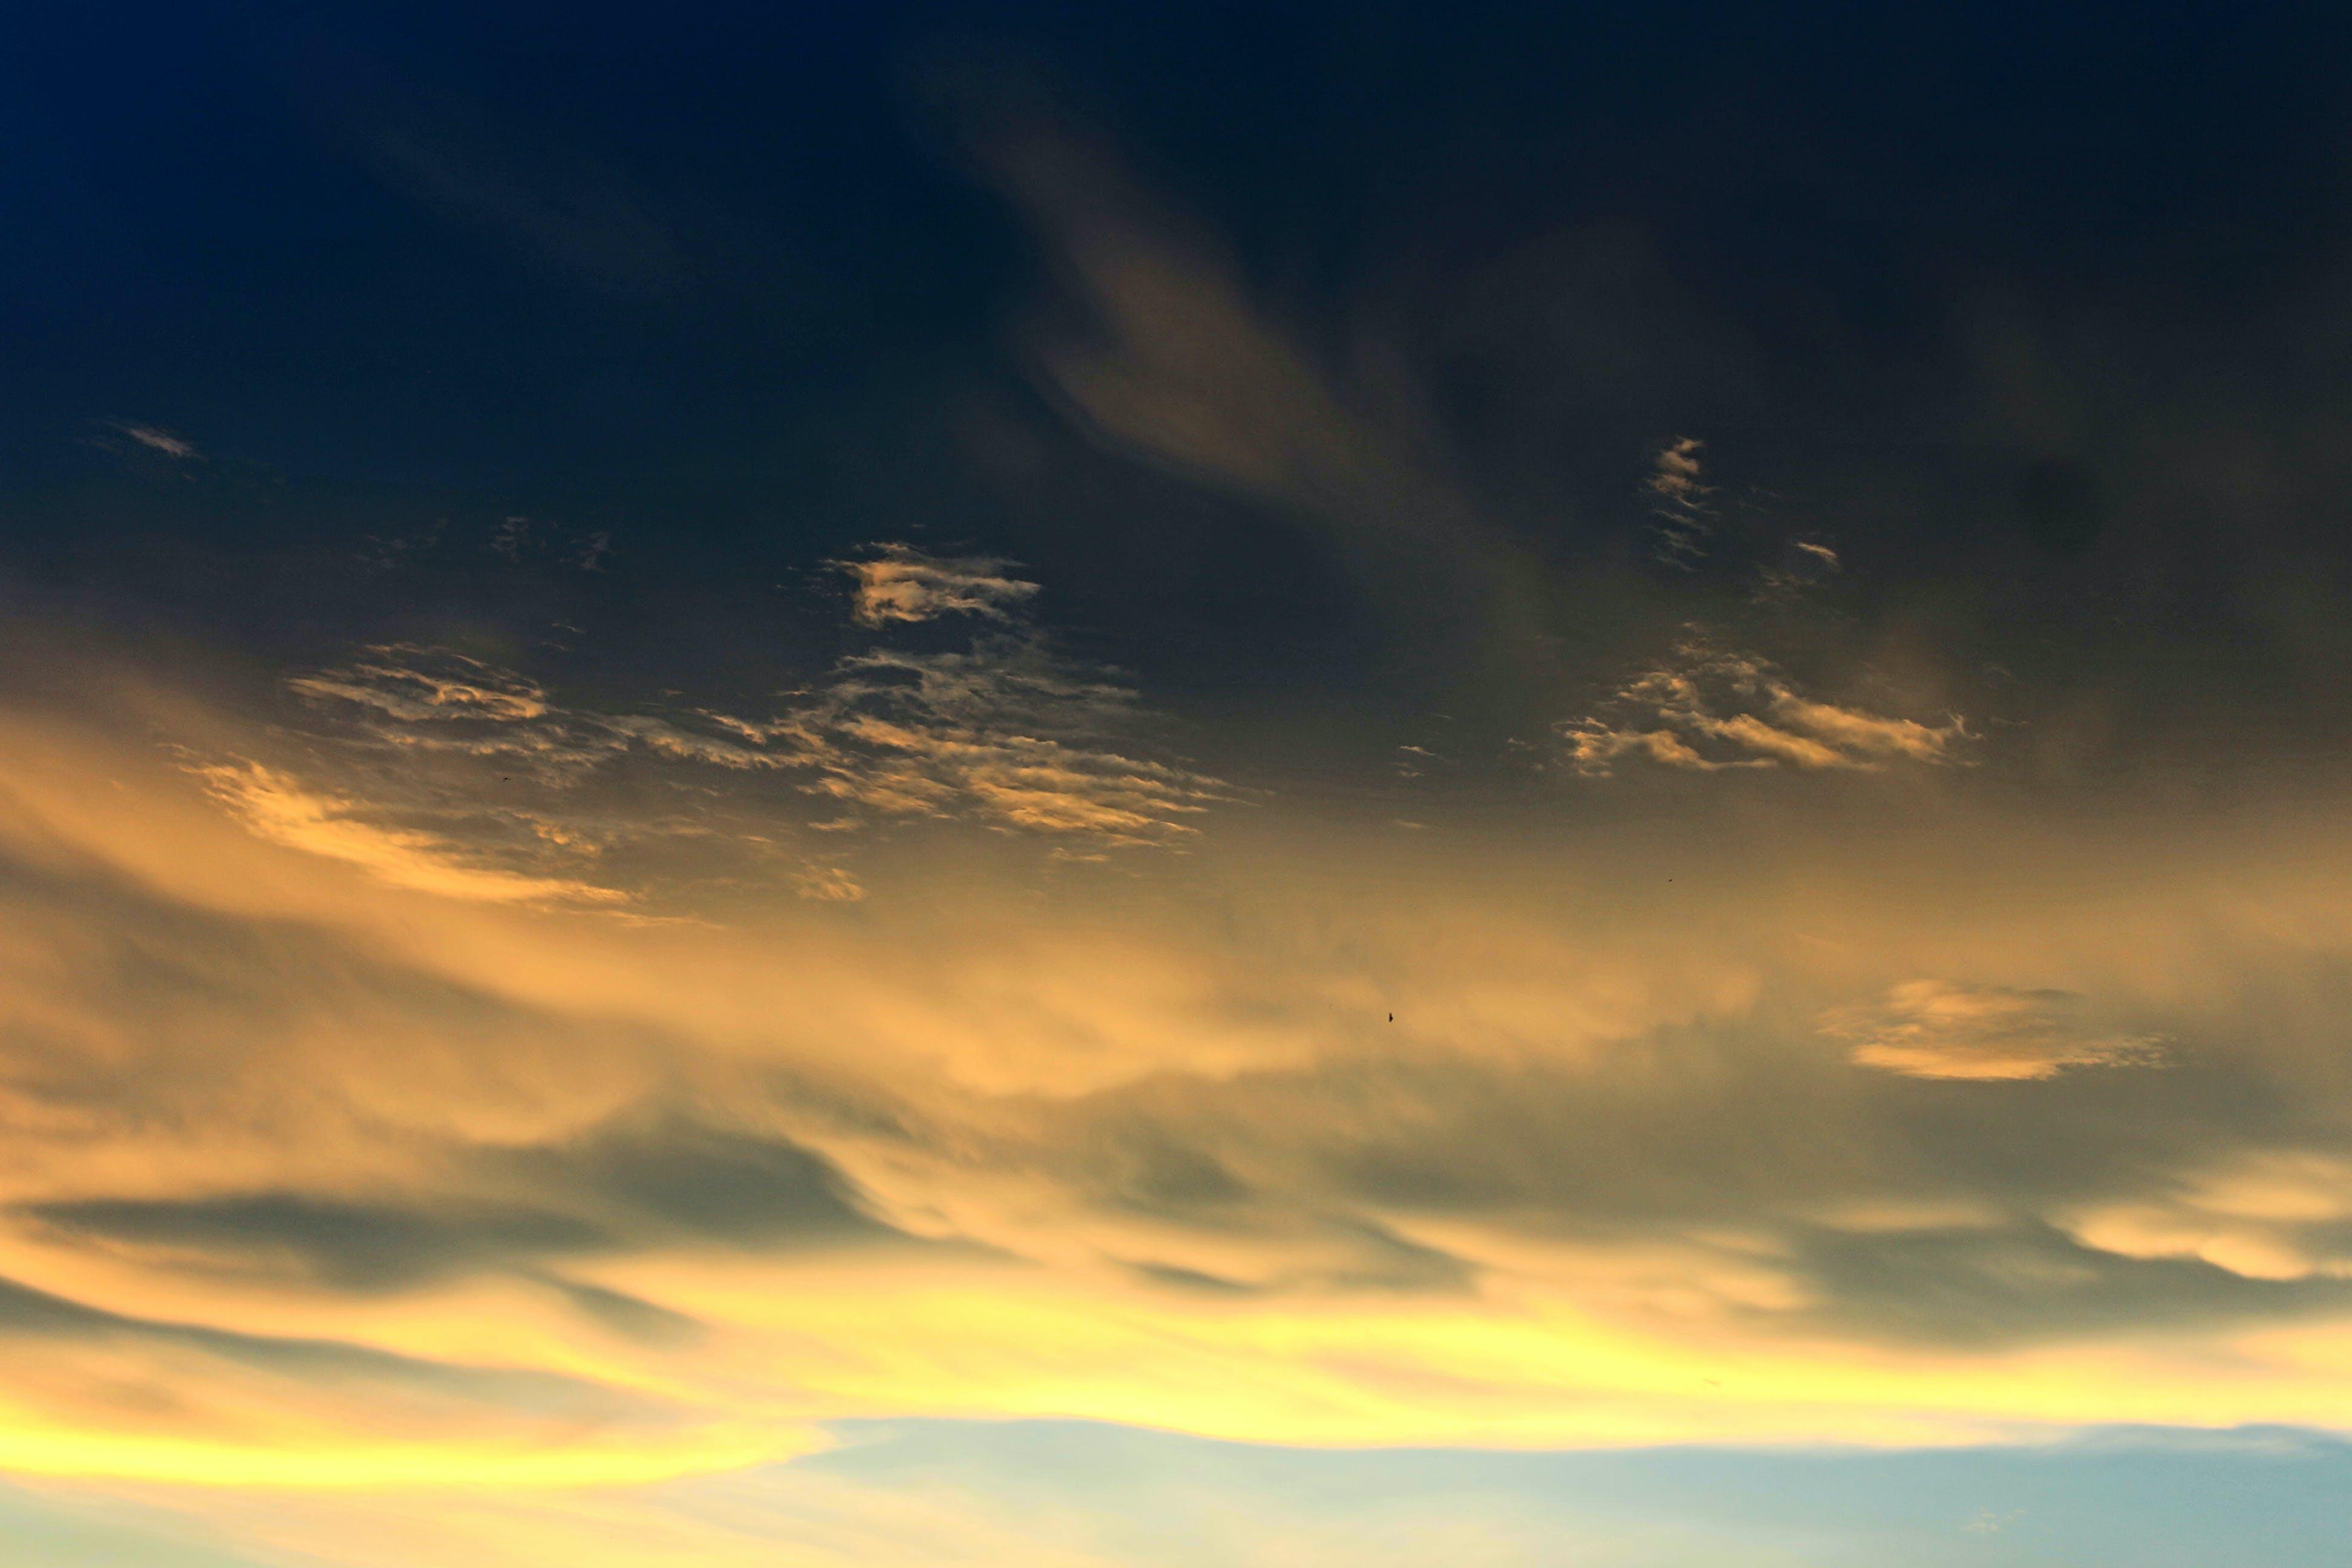 Δωρεάν στοκ φωτογραφιών με αυγή, γαλάζιος ουρανός, γαλήνιος, γραφικός